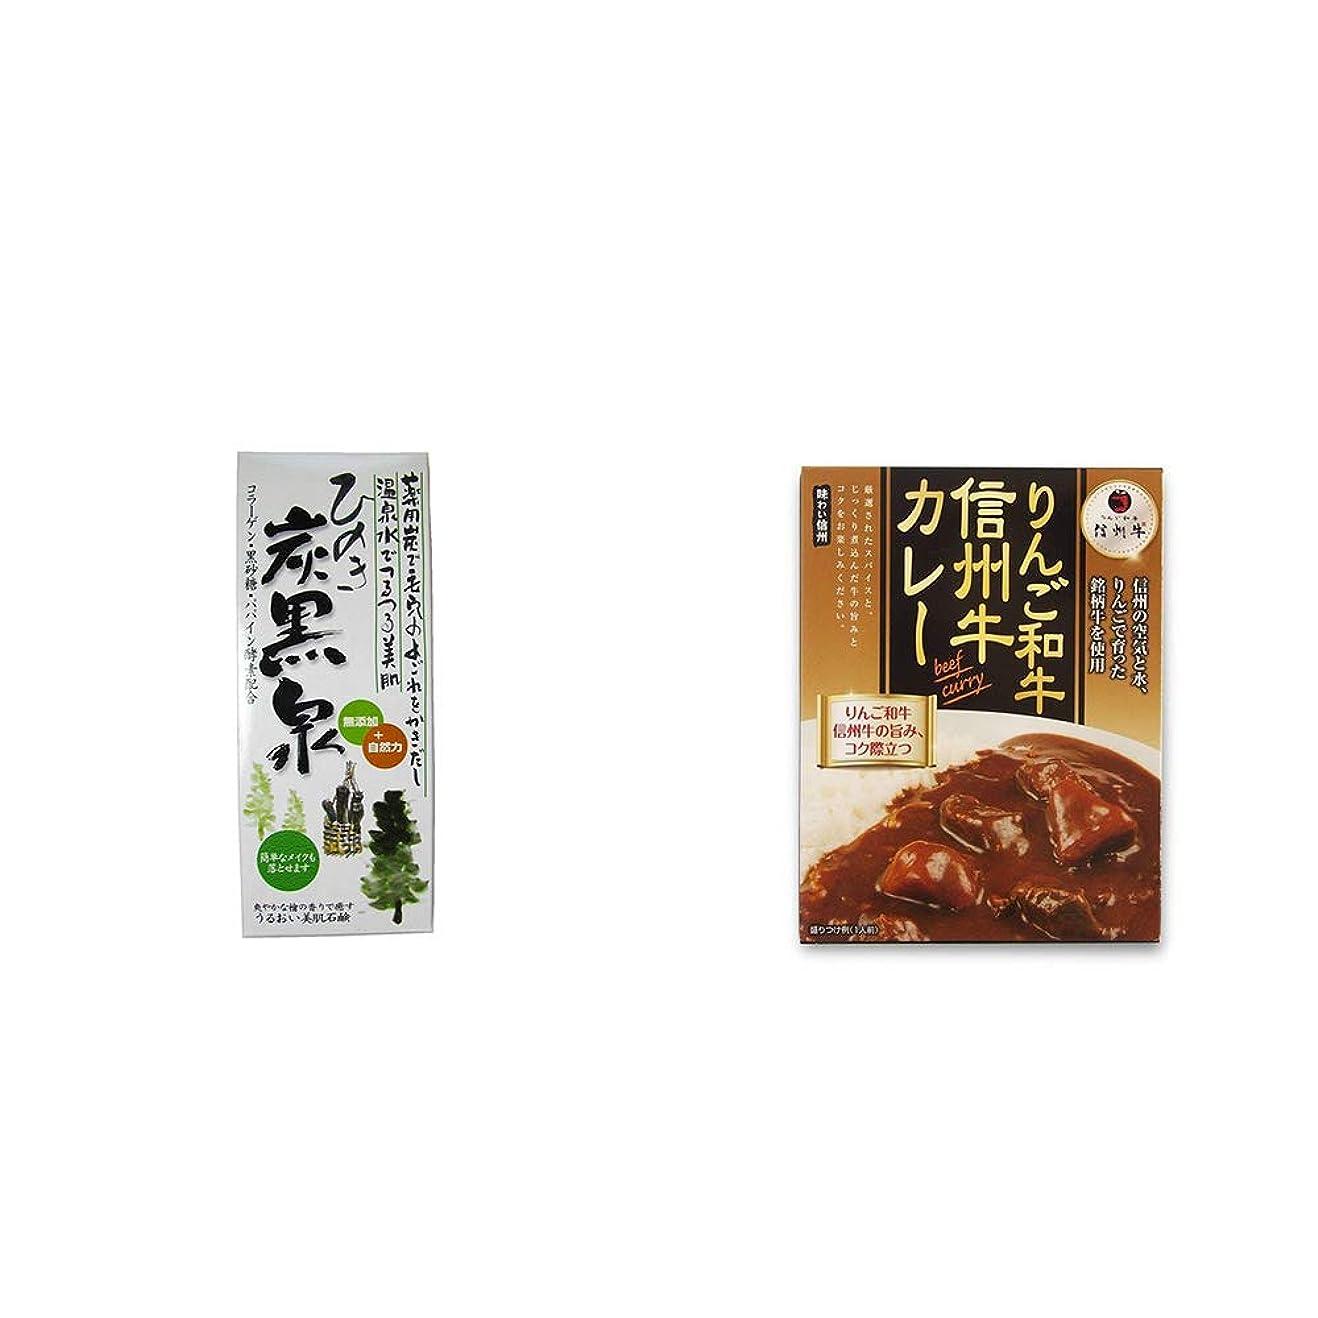 オーバーフロー暖かく乳剤[2点セット] ひのき炭黒泉 箱入り(75g×3)?りんご和牛 信州牛カレー(1食分)